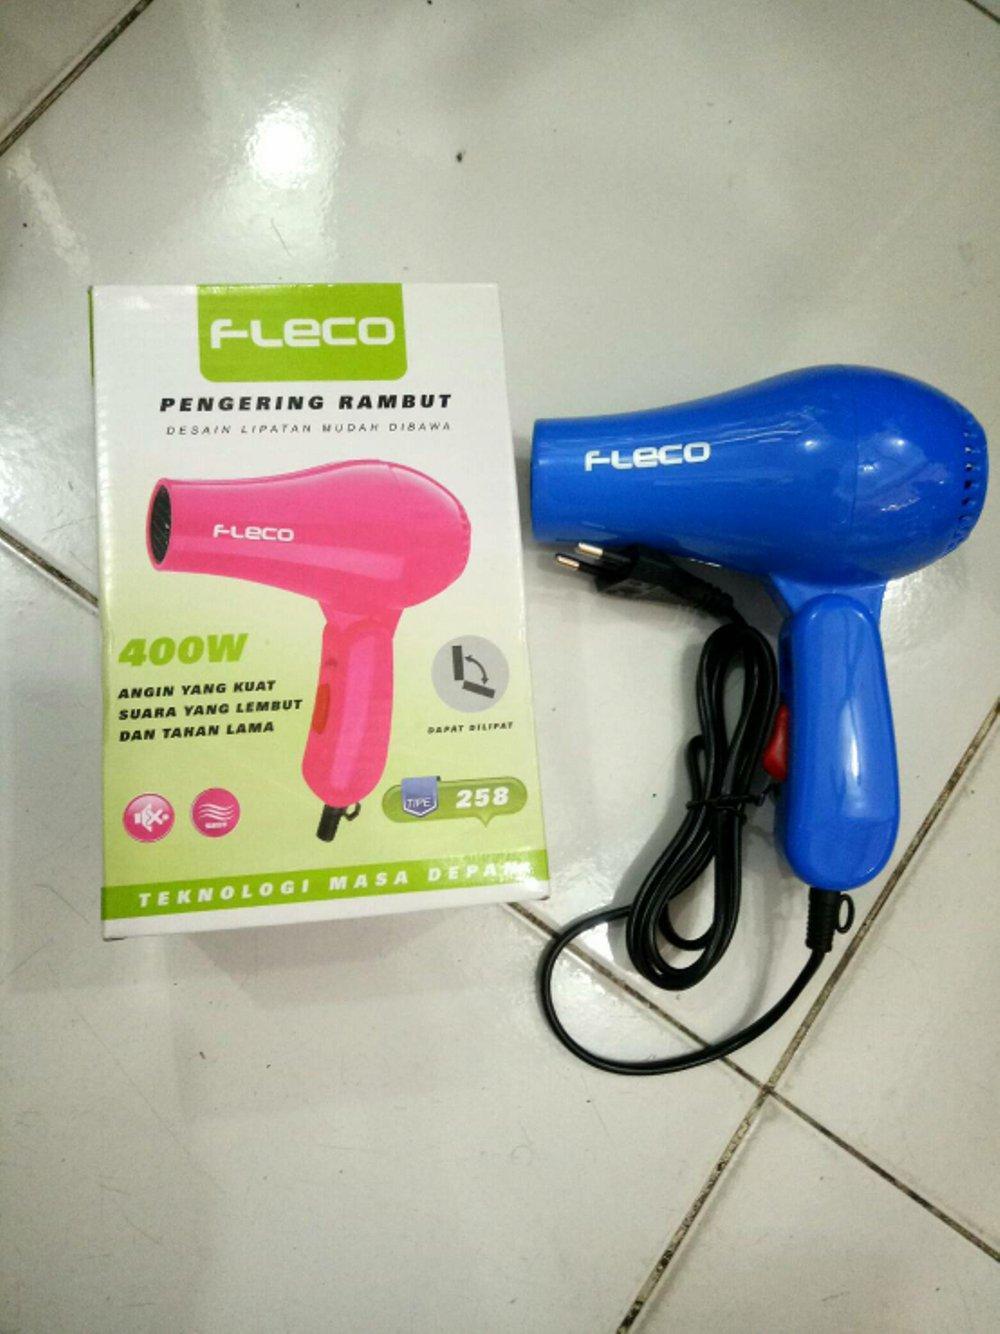 Baodisg Hair Dryer Pro Deluxe Ba 838 - Daftar Harga Terbaru dan ... 53ccbf1d97